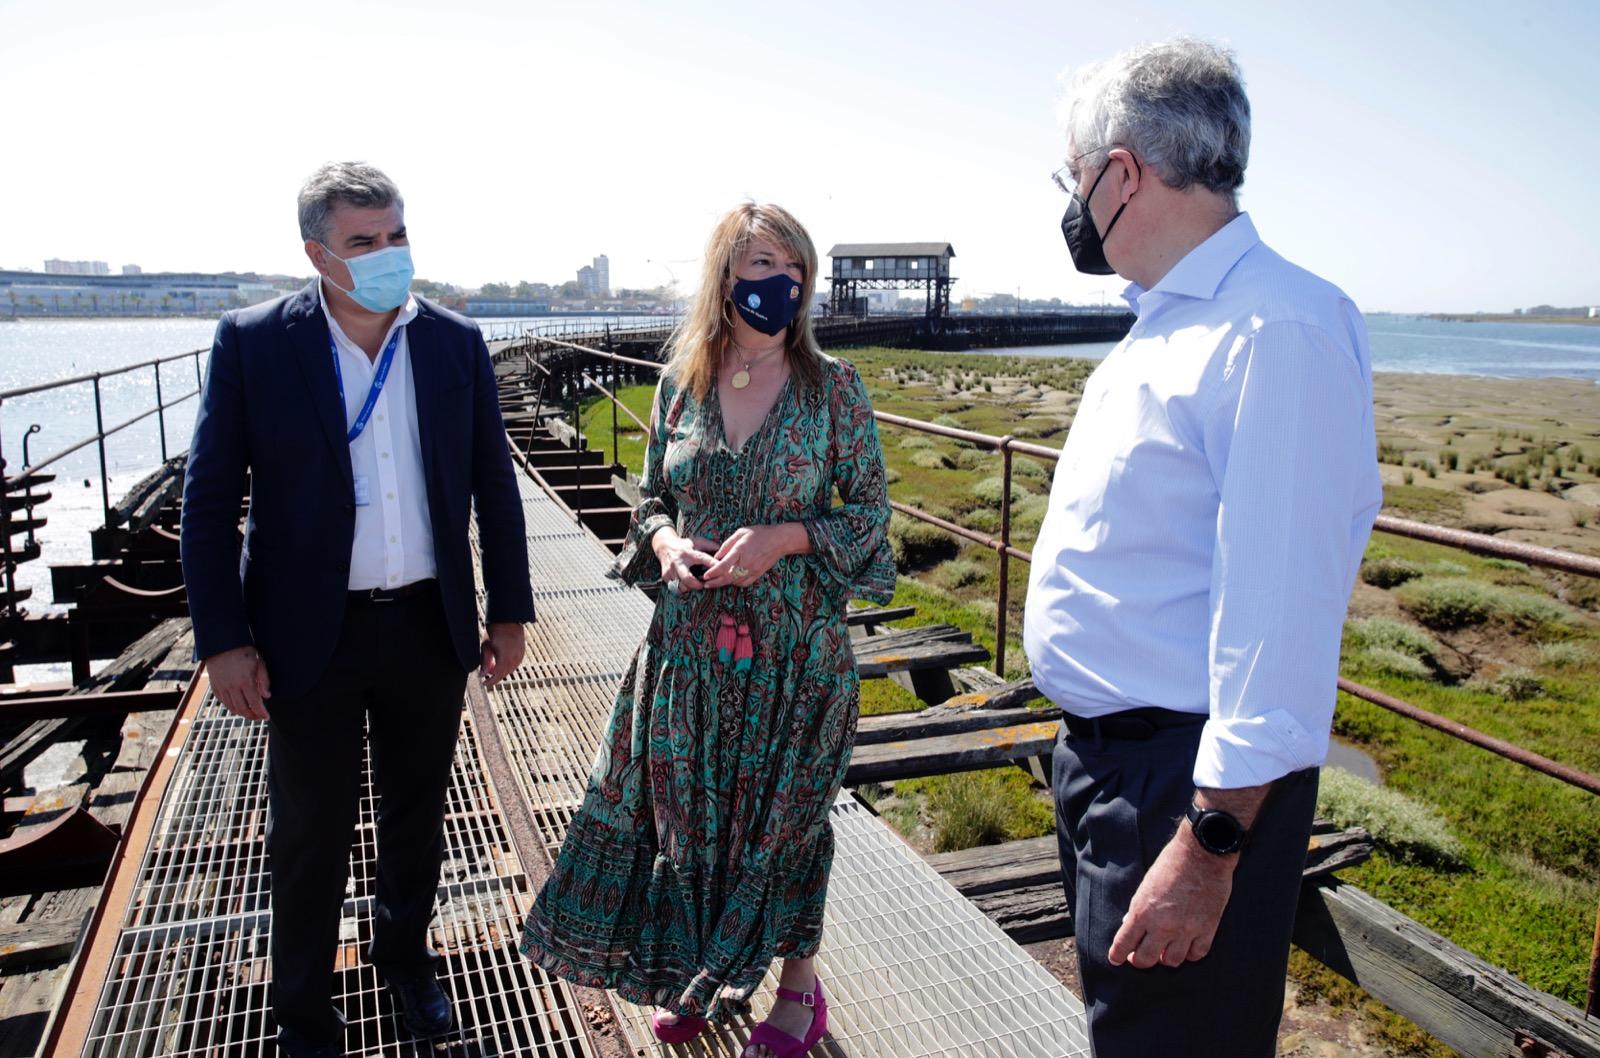 El Puerto de Huelva pretende poner en valor el pasado minero de la ría de Huelva